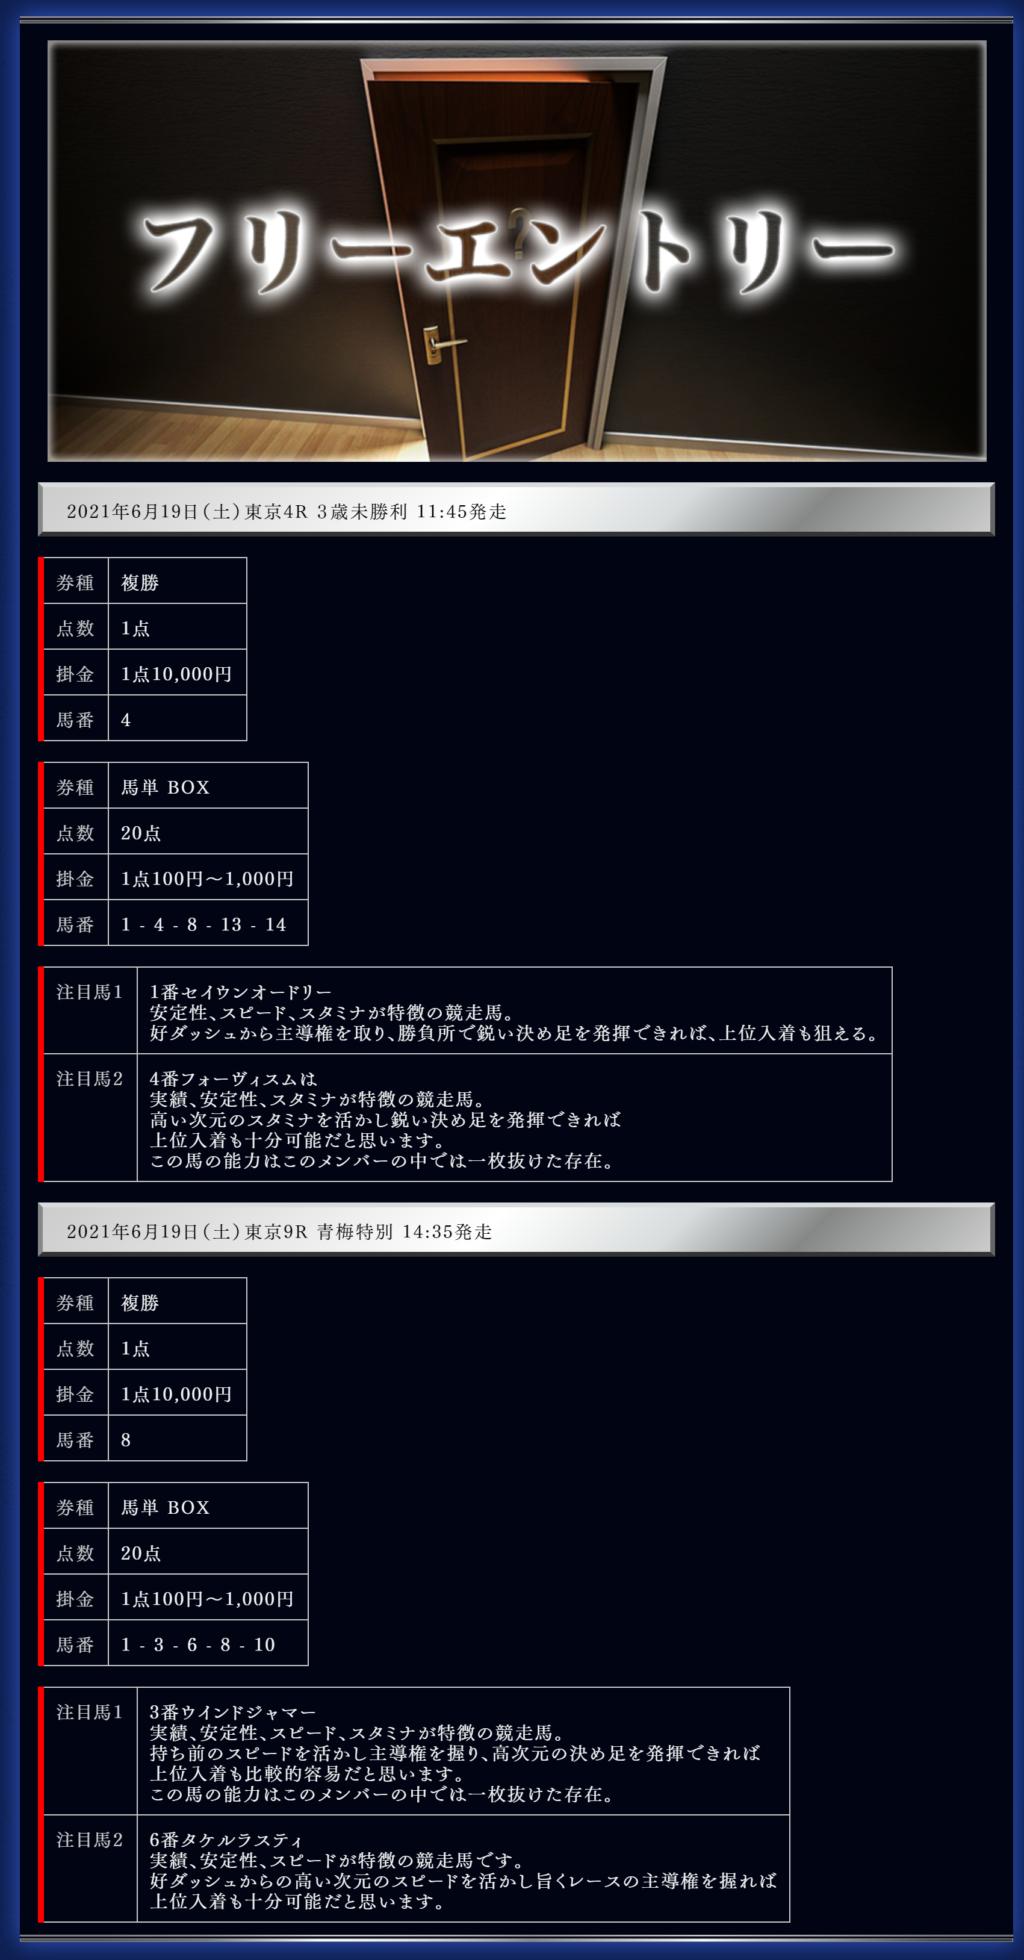 競馬予想サイトのEDGE(エッジ)の無料情報6月19日東京競馬場4R、9R無料予想検証結果